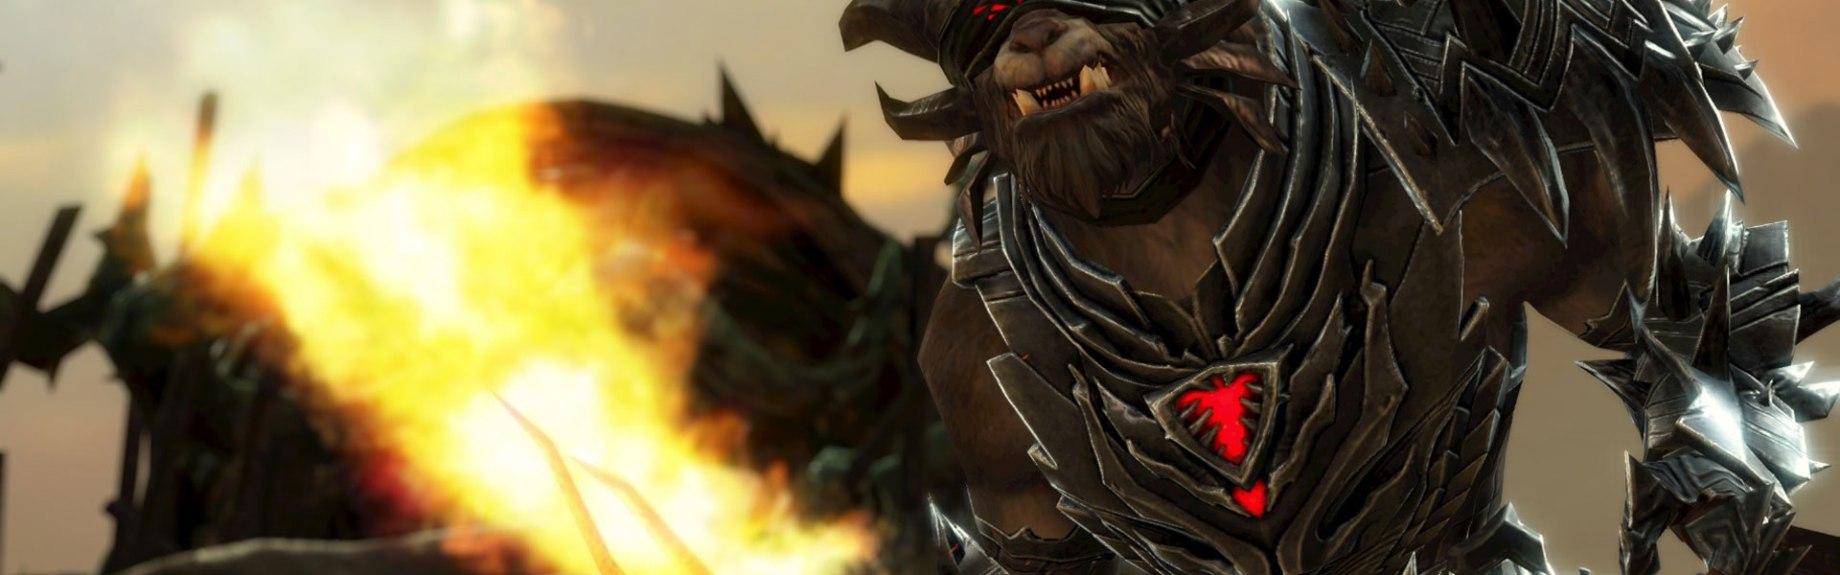 Revenant Rytlock - Guild Wars 2 Heart of Thorns